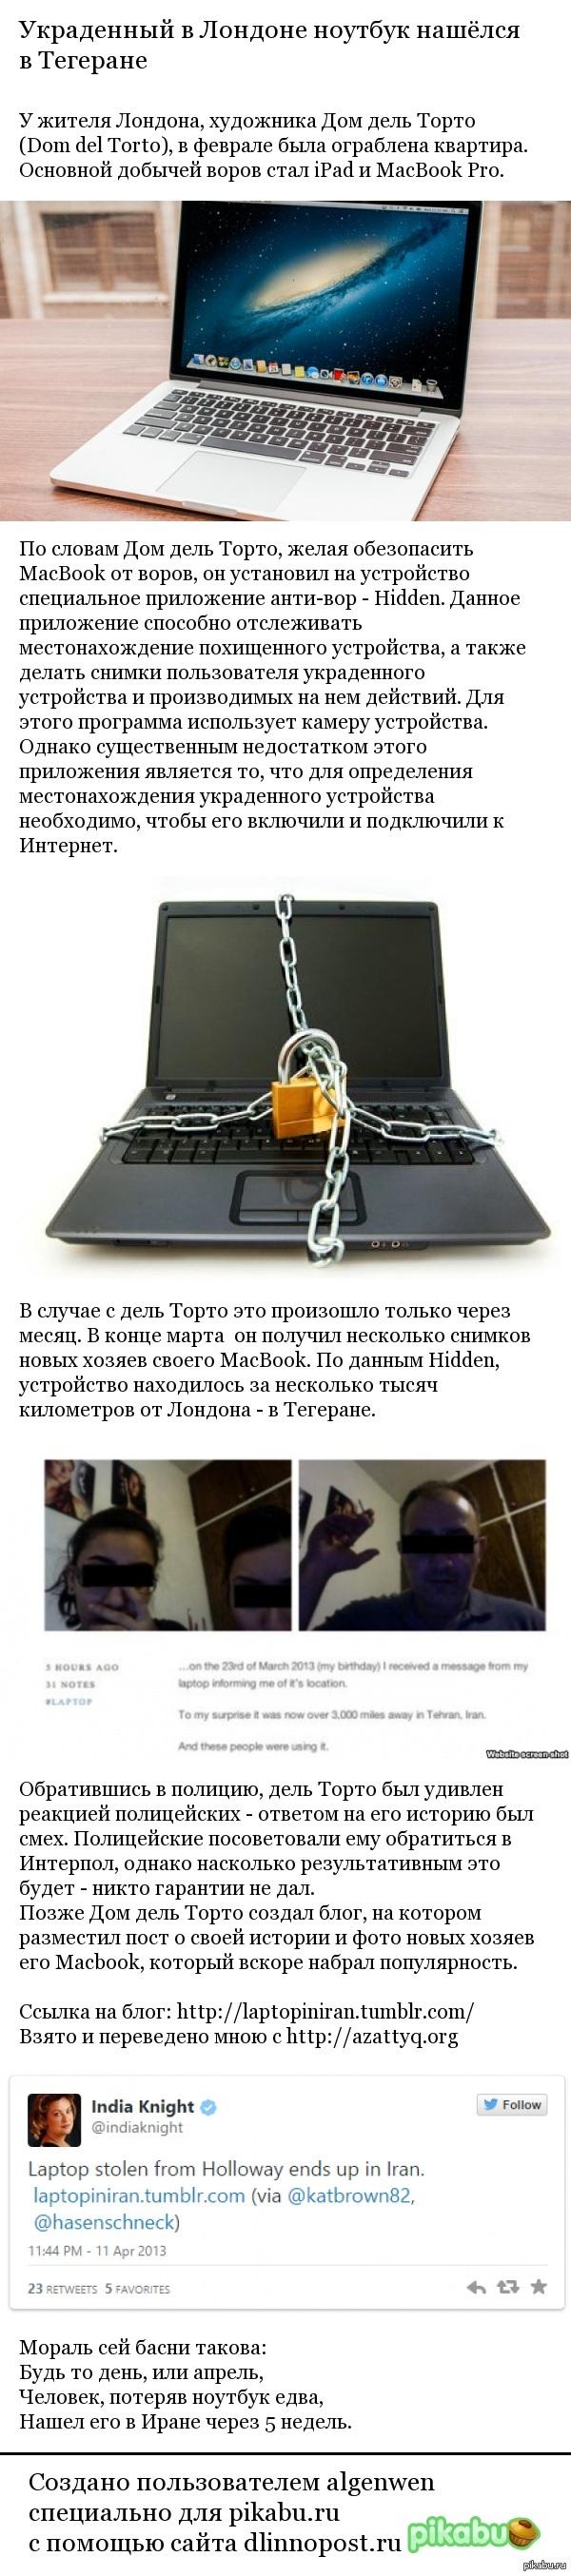 Украденный в Лондоне ноутбук нашёлся в Тегеране Мой первый длиннопост :)